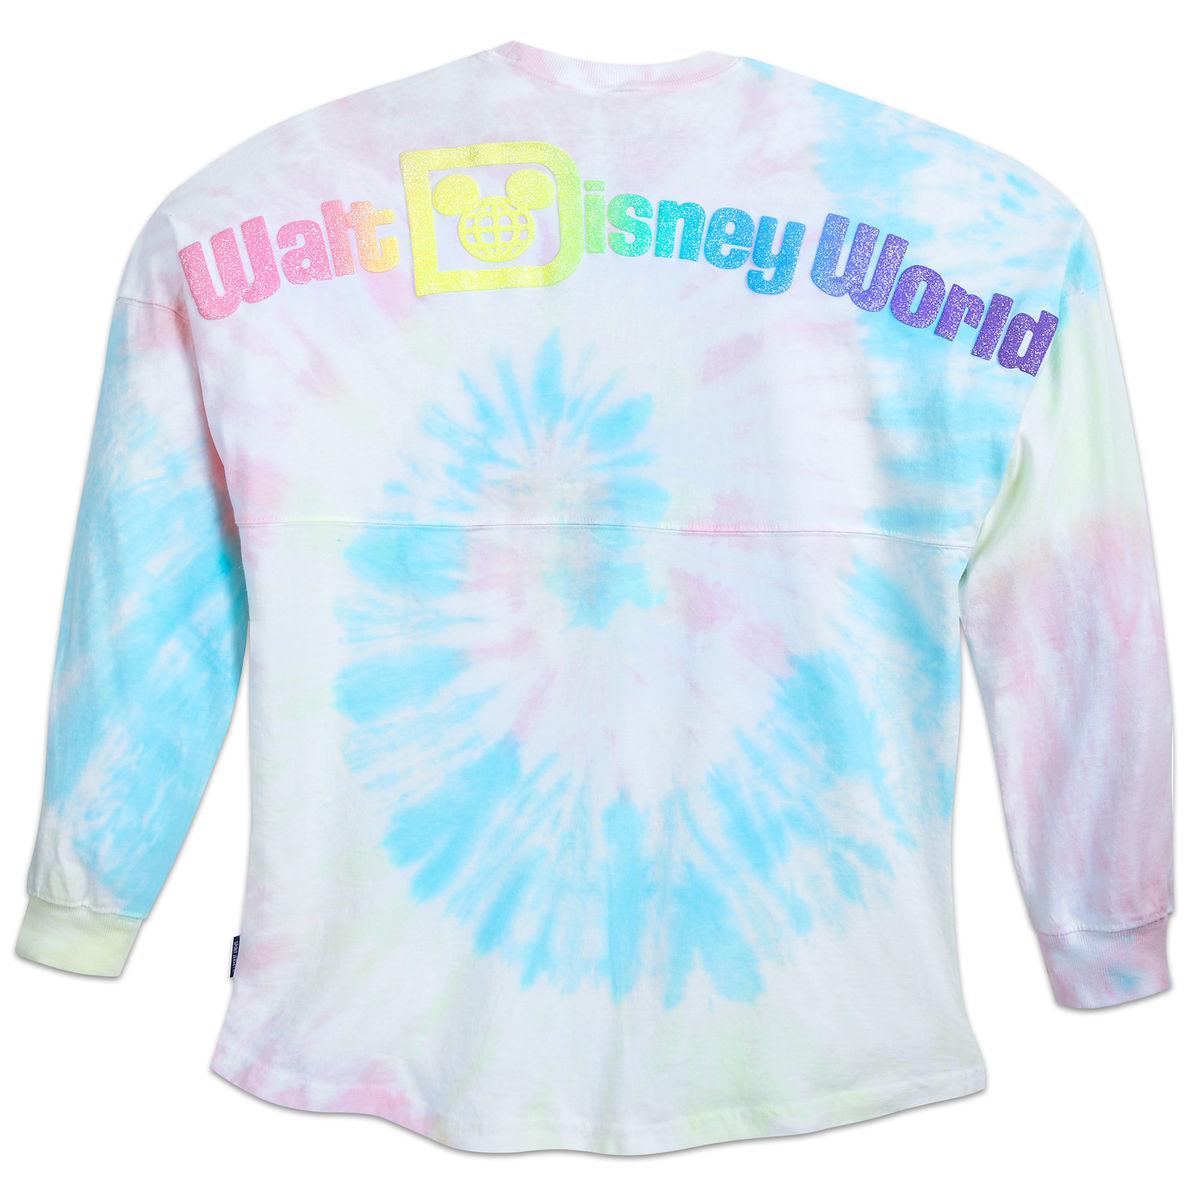 e5ec5b772 Disney Adult Shirt - Disney World Spirit Jersey - Cotton Candy